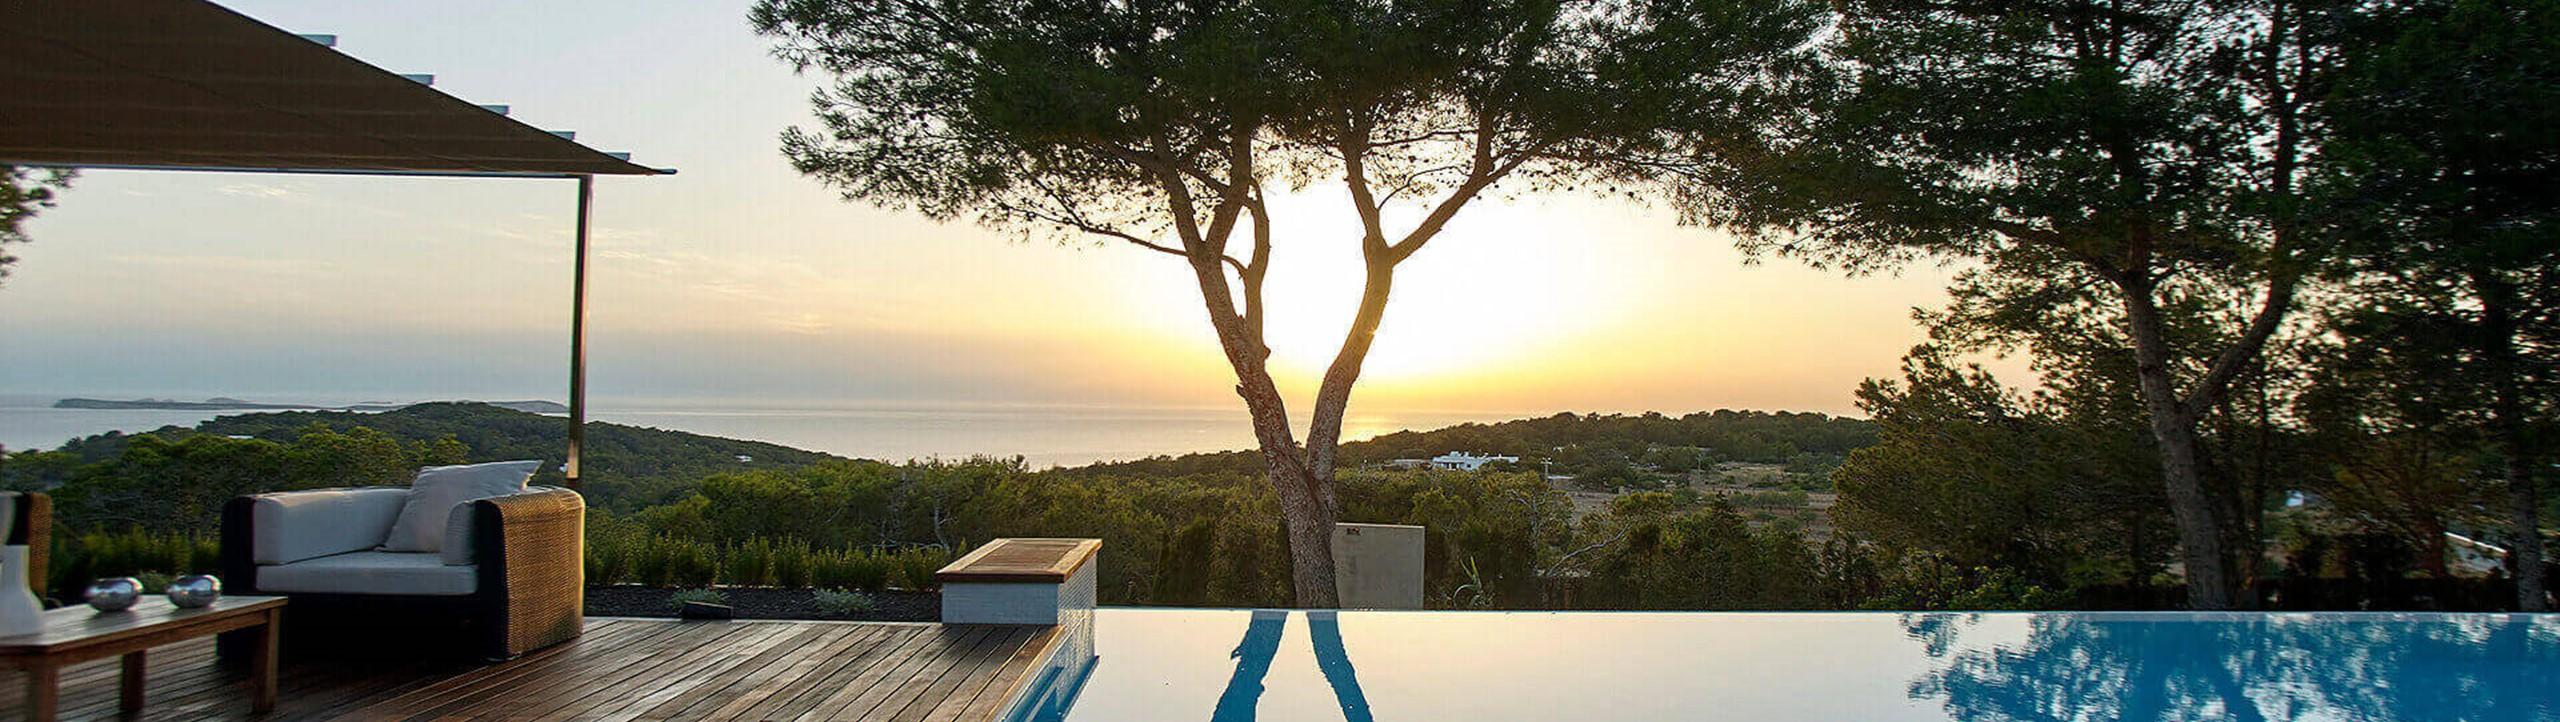 Villa Sol Post Ibiza 1 Cala Salada